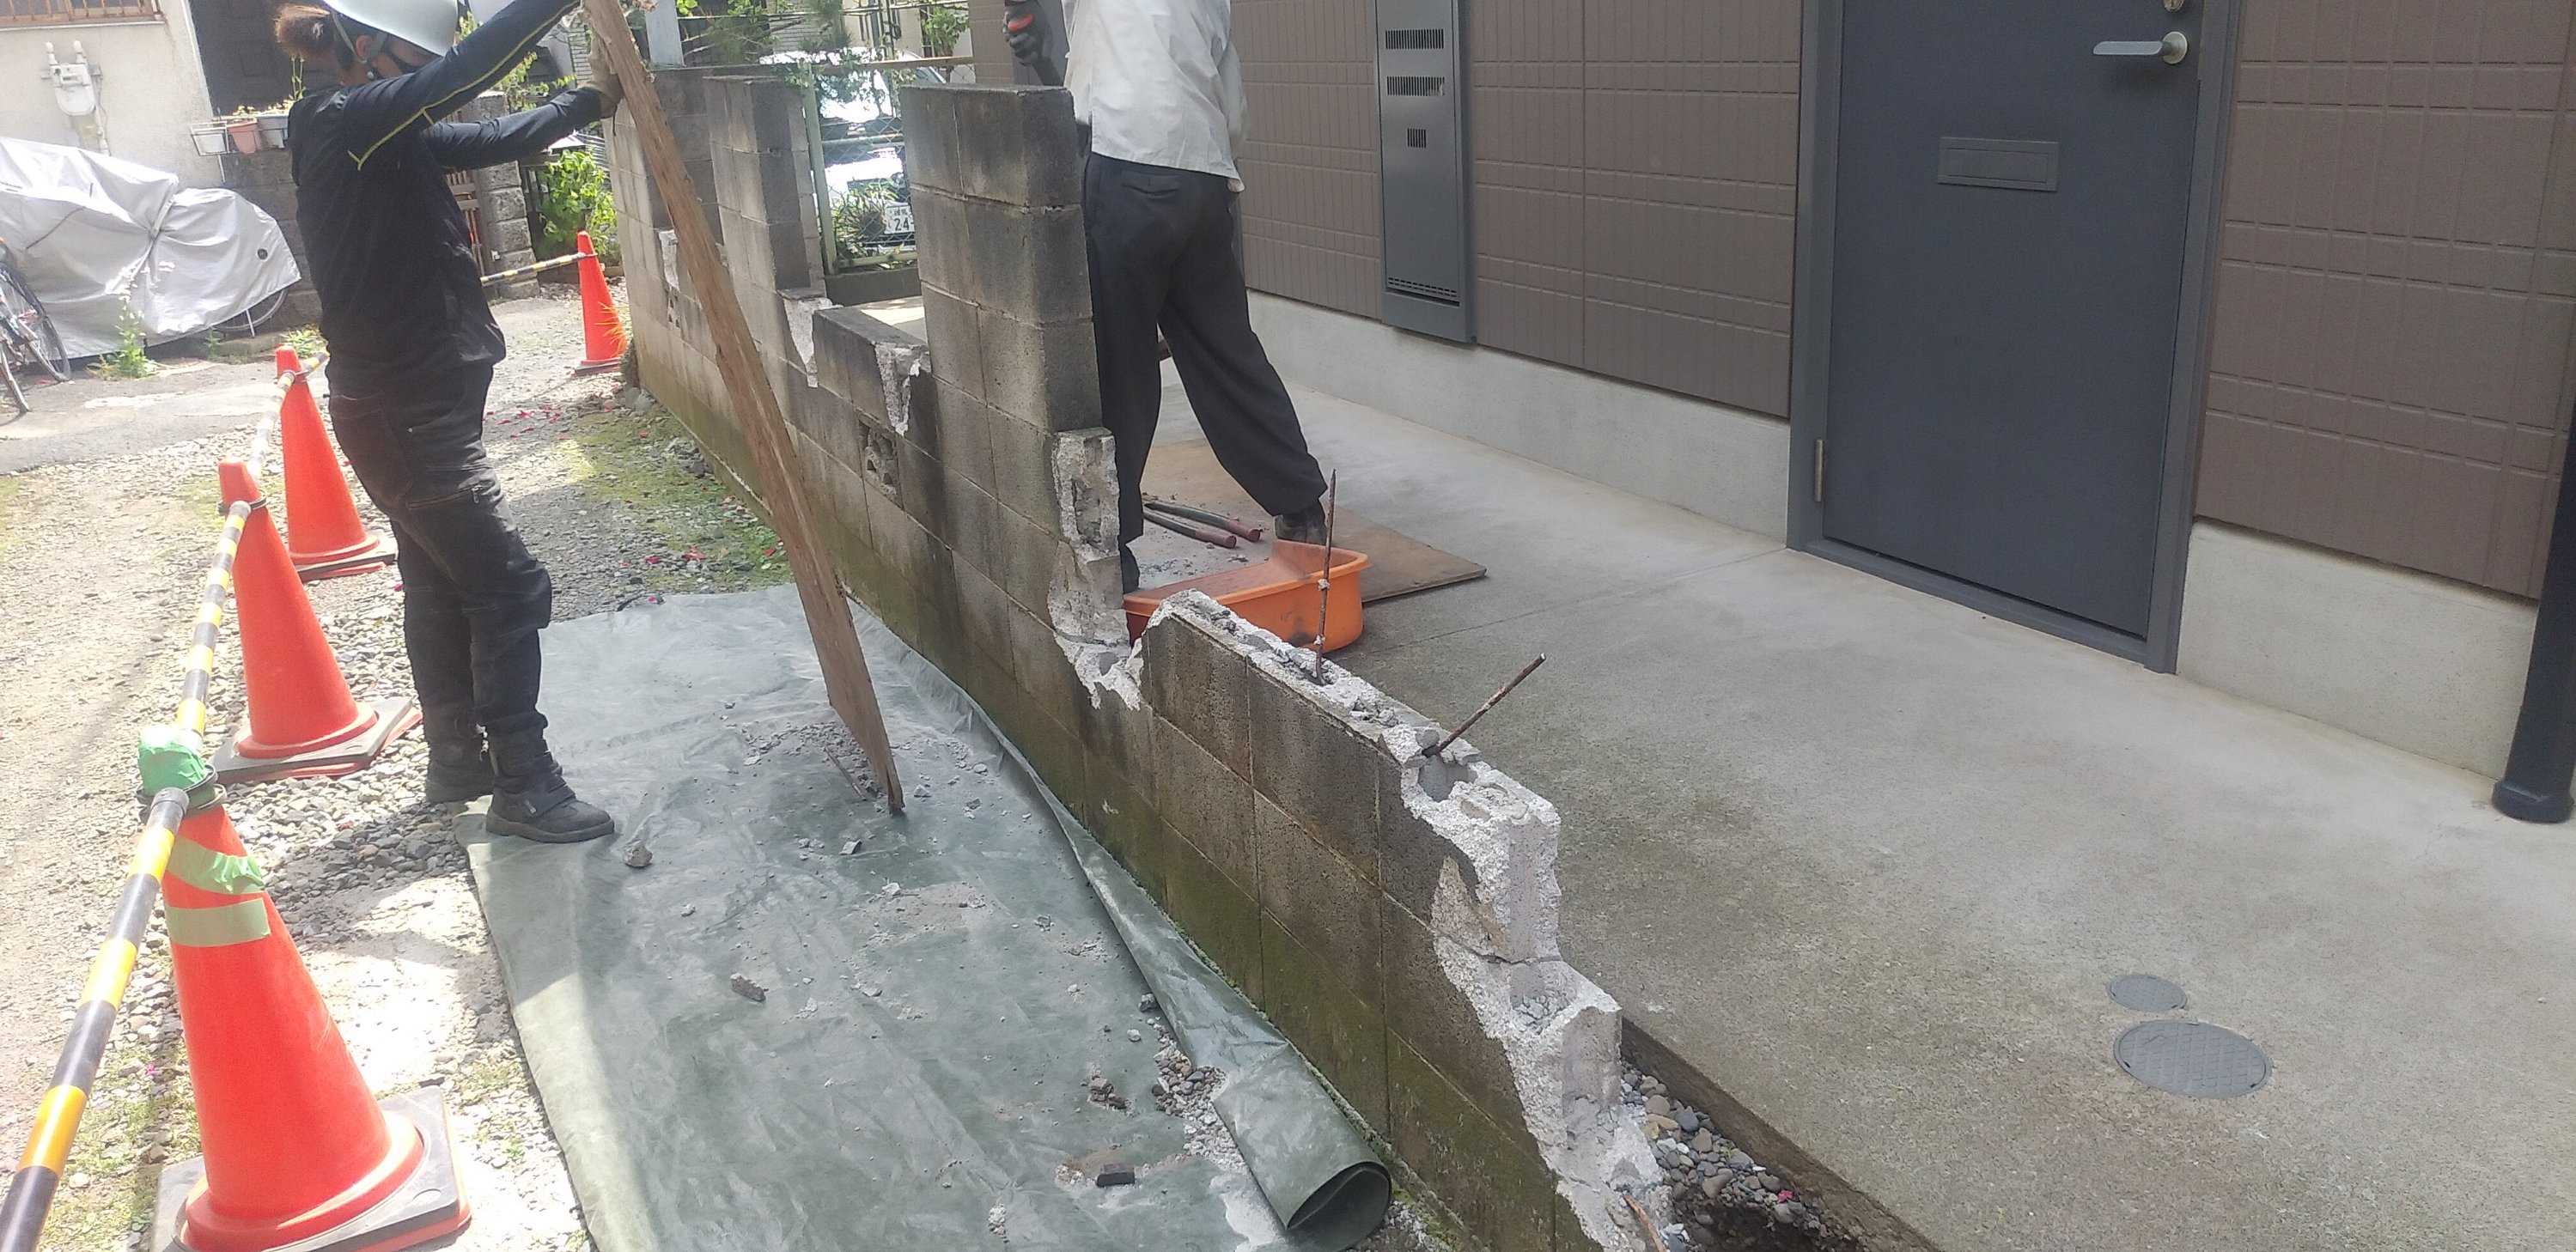 狭山市、所沢市、入間市、川越市で解体工事を行わせてもらっている旺馬工業です。 今回は練馬区でブロック塀と万年塀を撤去して新しくアルミフェンス取り付け工事を行わせていただきました。